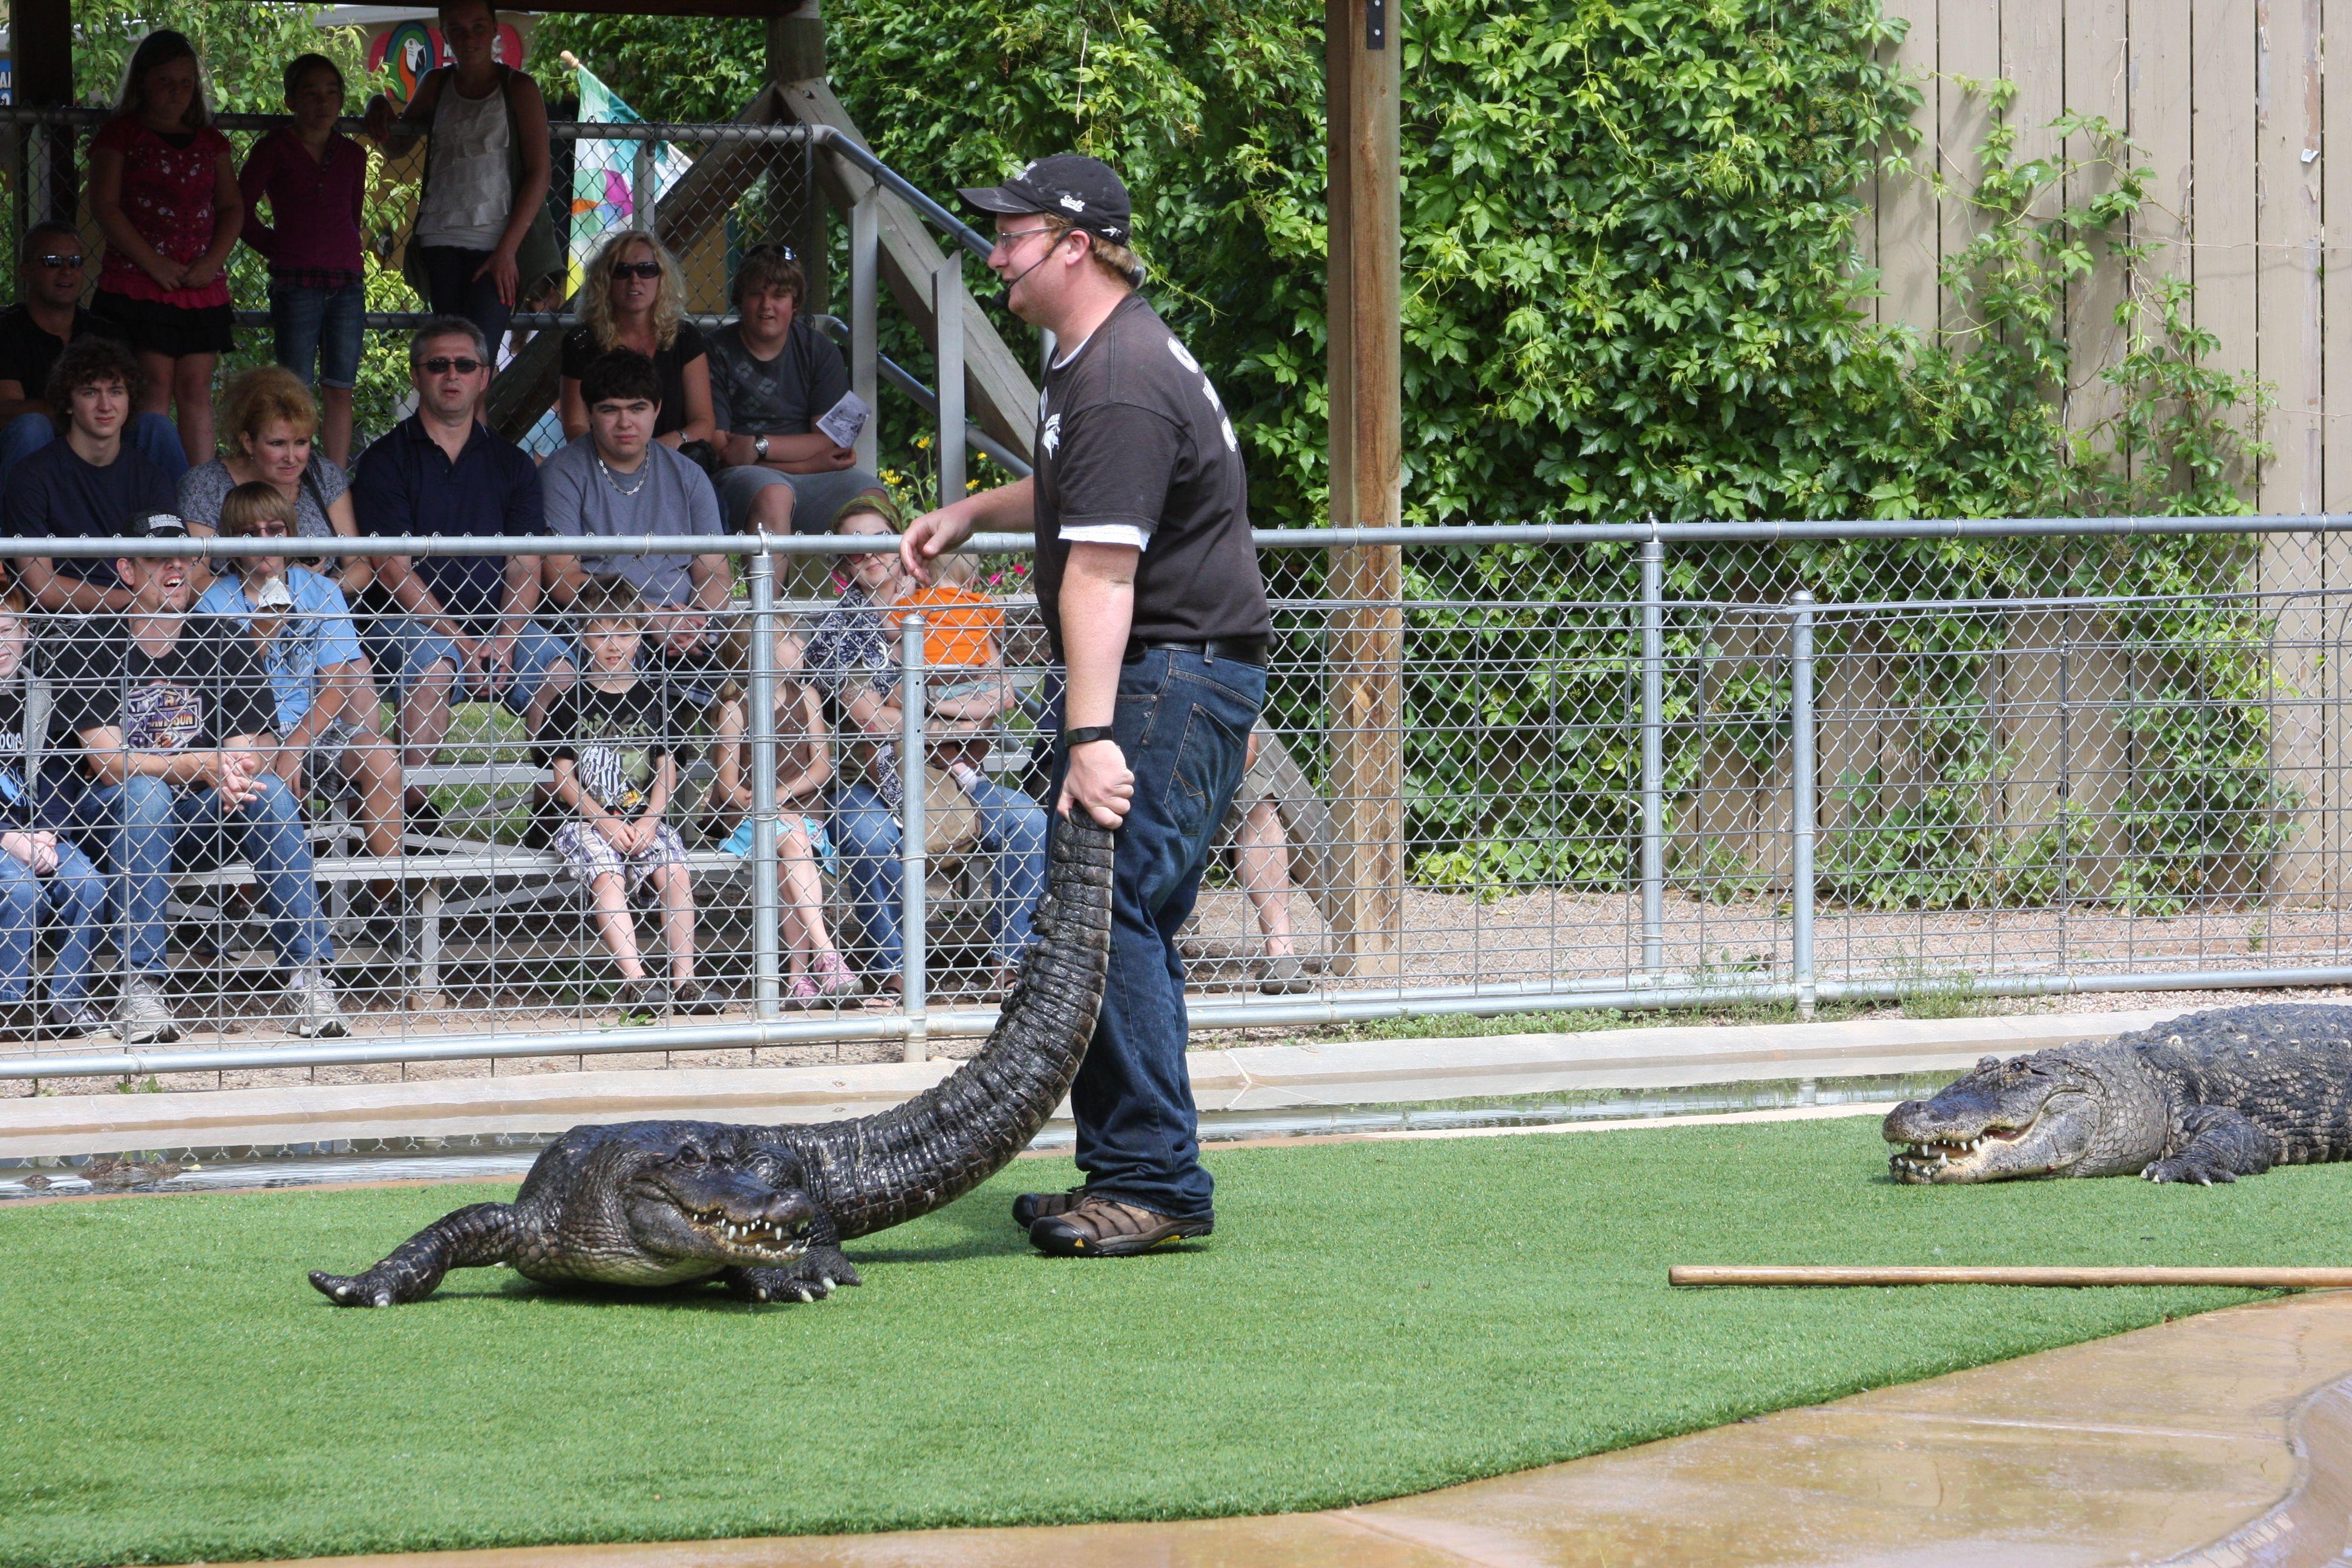 acf40f0ff9d580e2fd40a5ed34e62768 - How Long Does Reptile Gardens Take